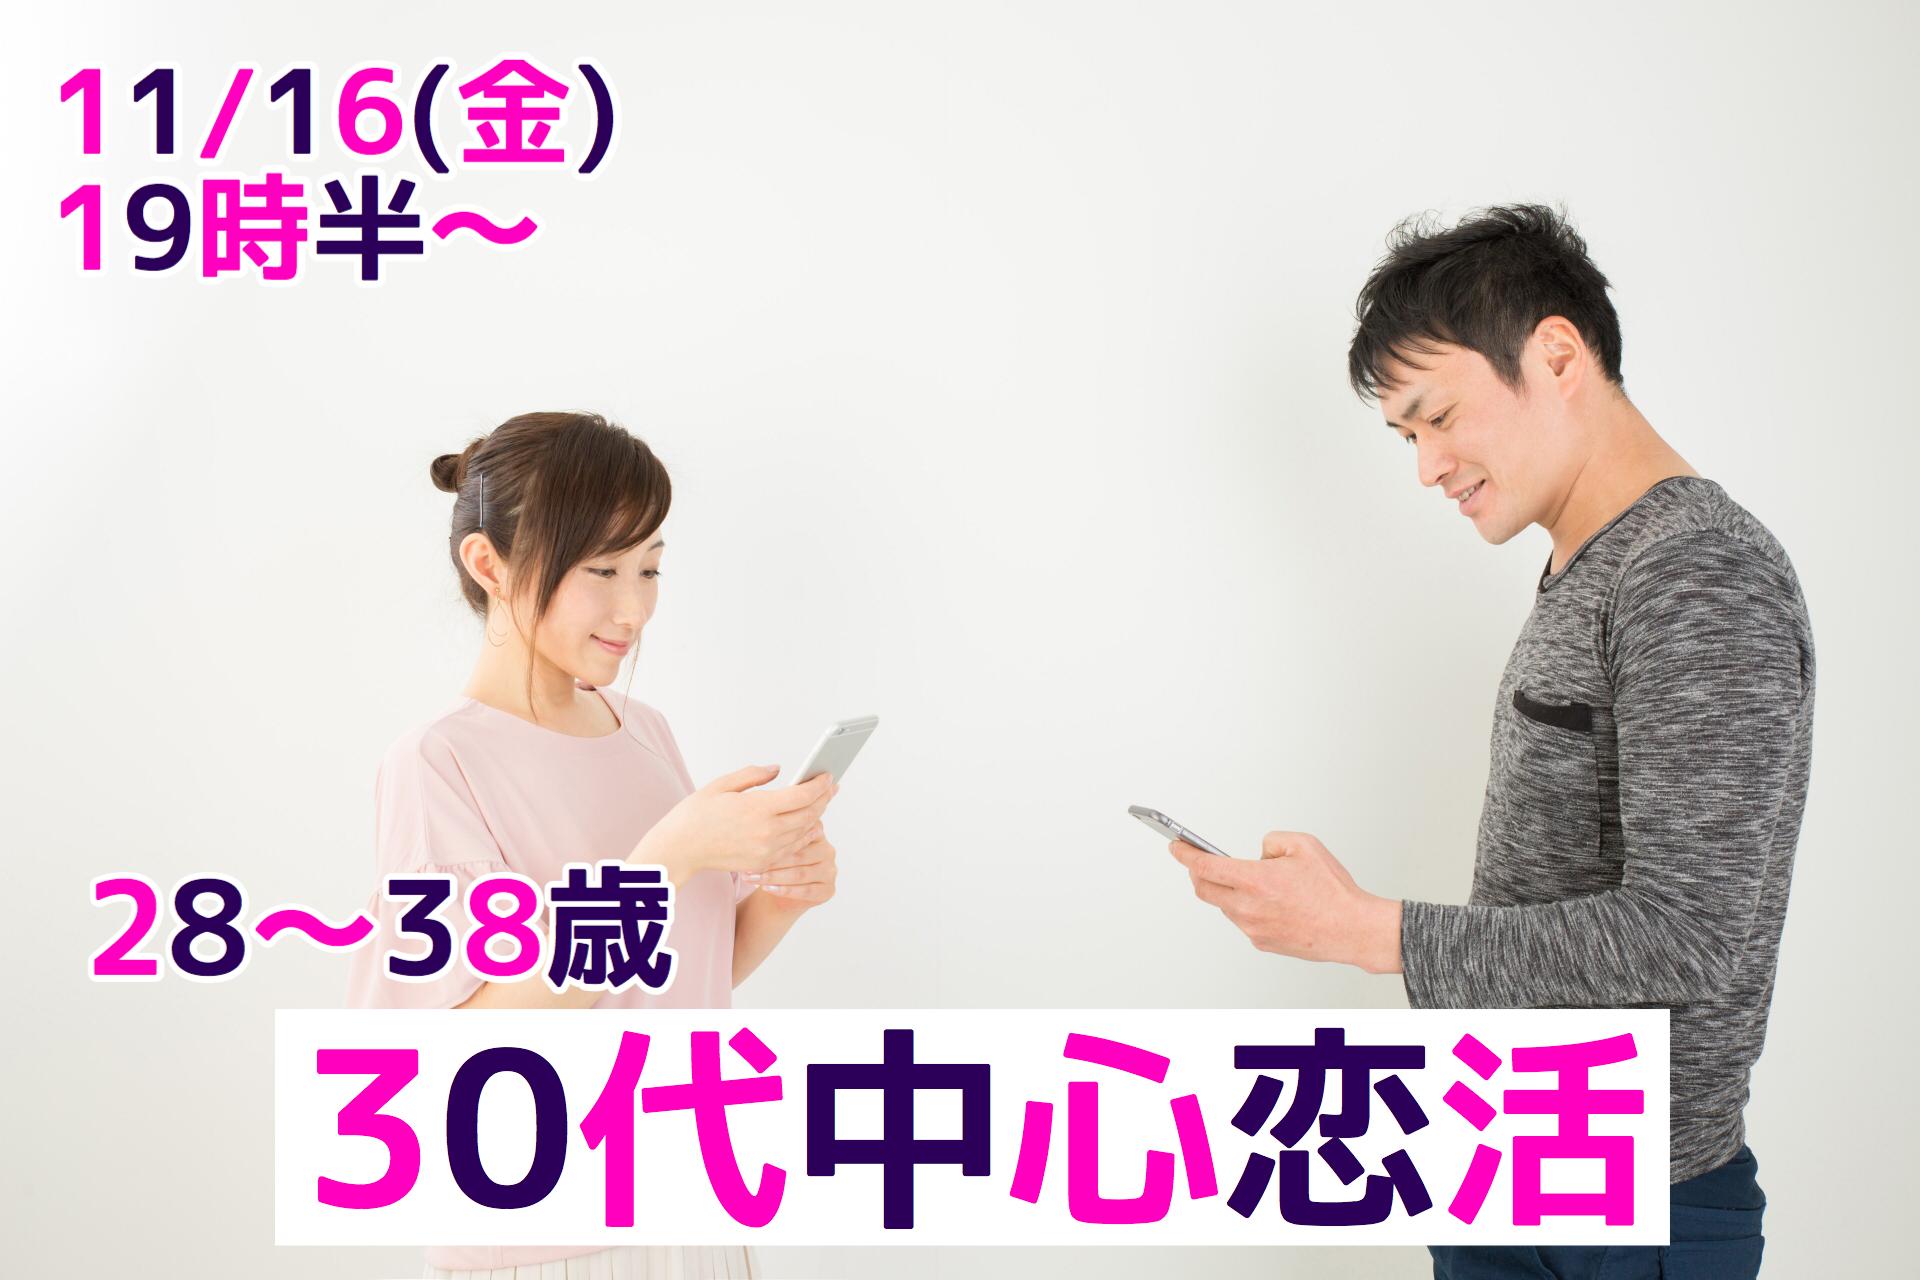 【終了】11月16日(金)19時30分~【28~38歳限定】まずは友達から!30代中心恋活!